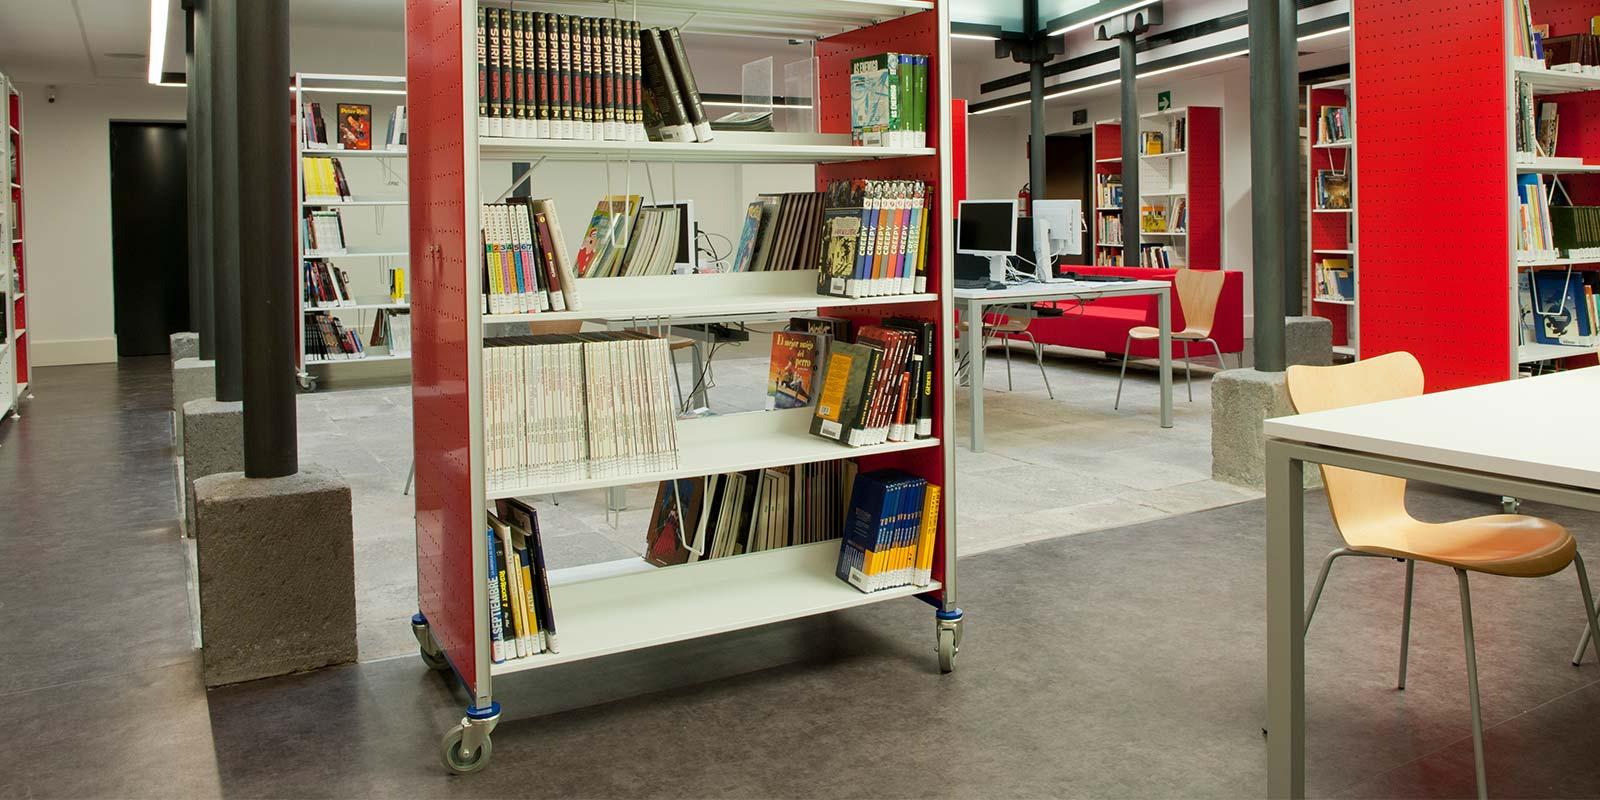 Biblioteca Insular das Canarias 2